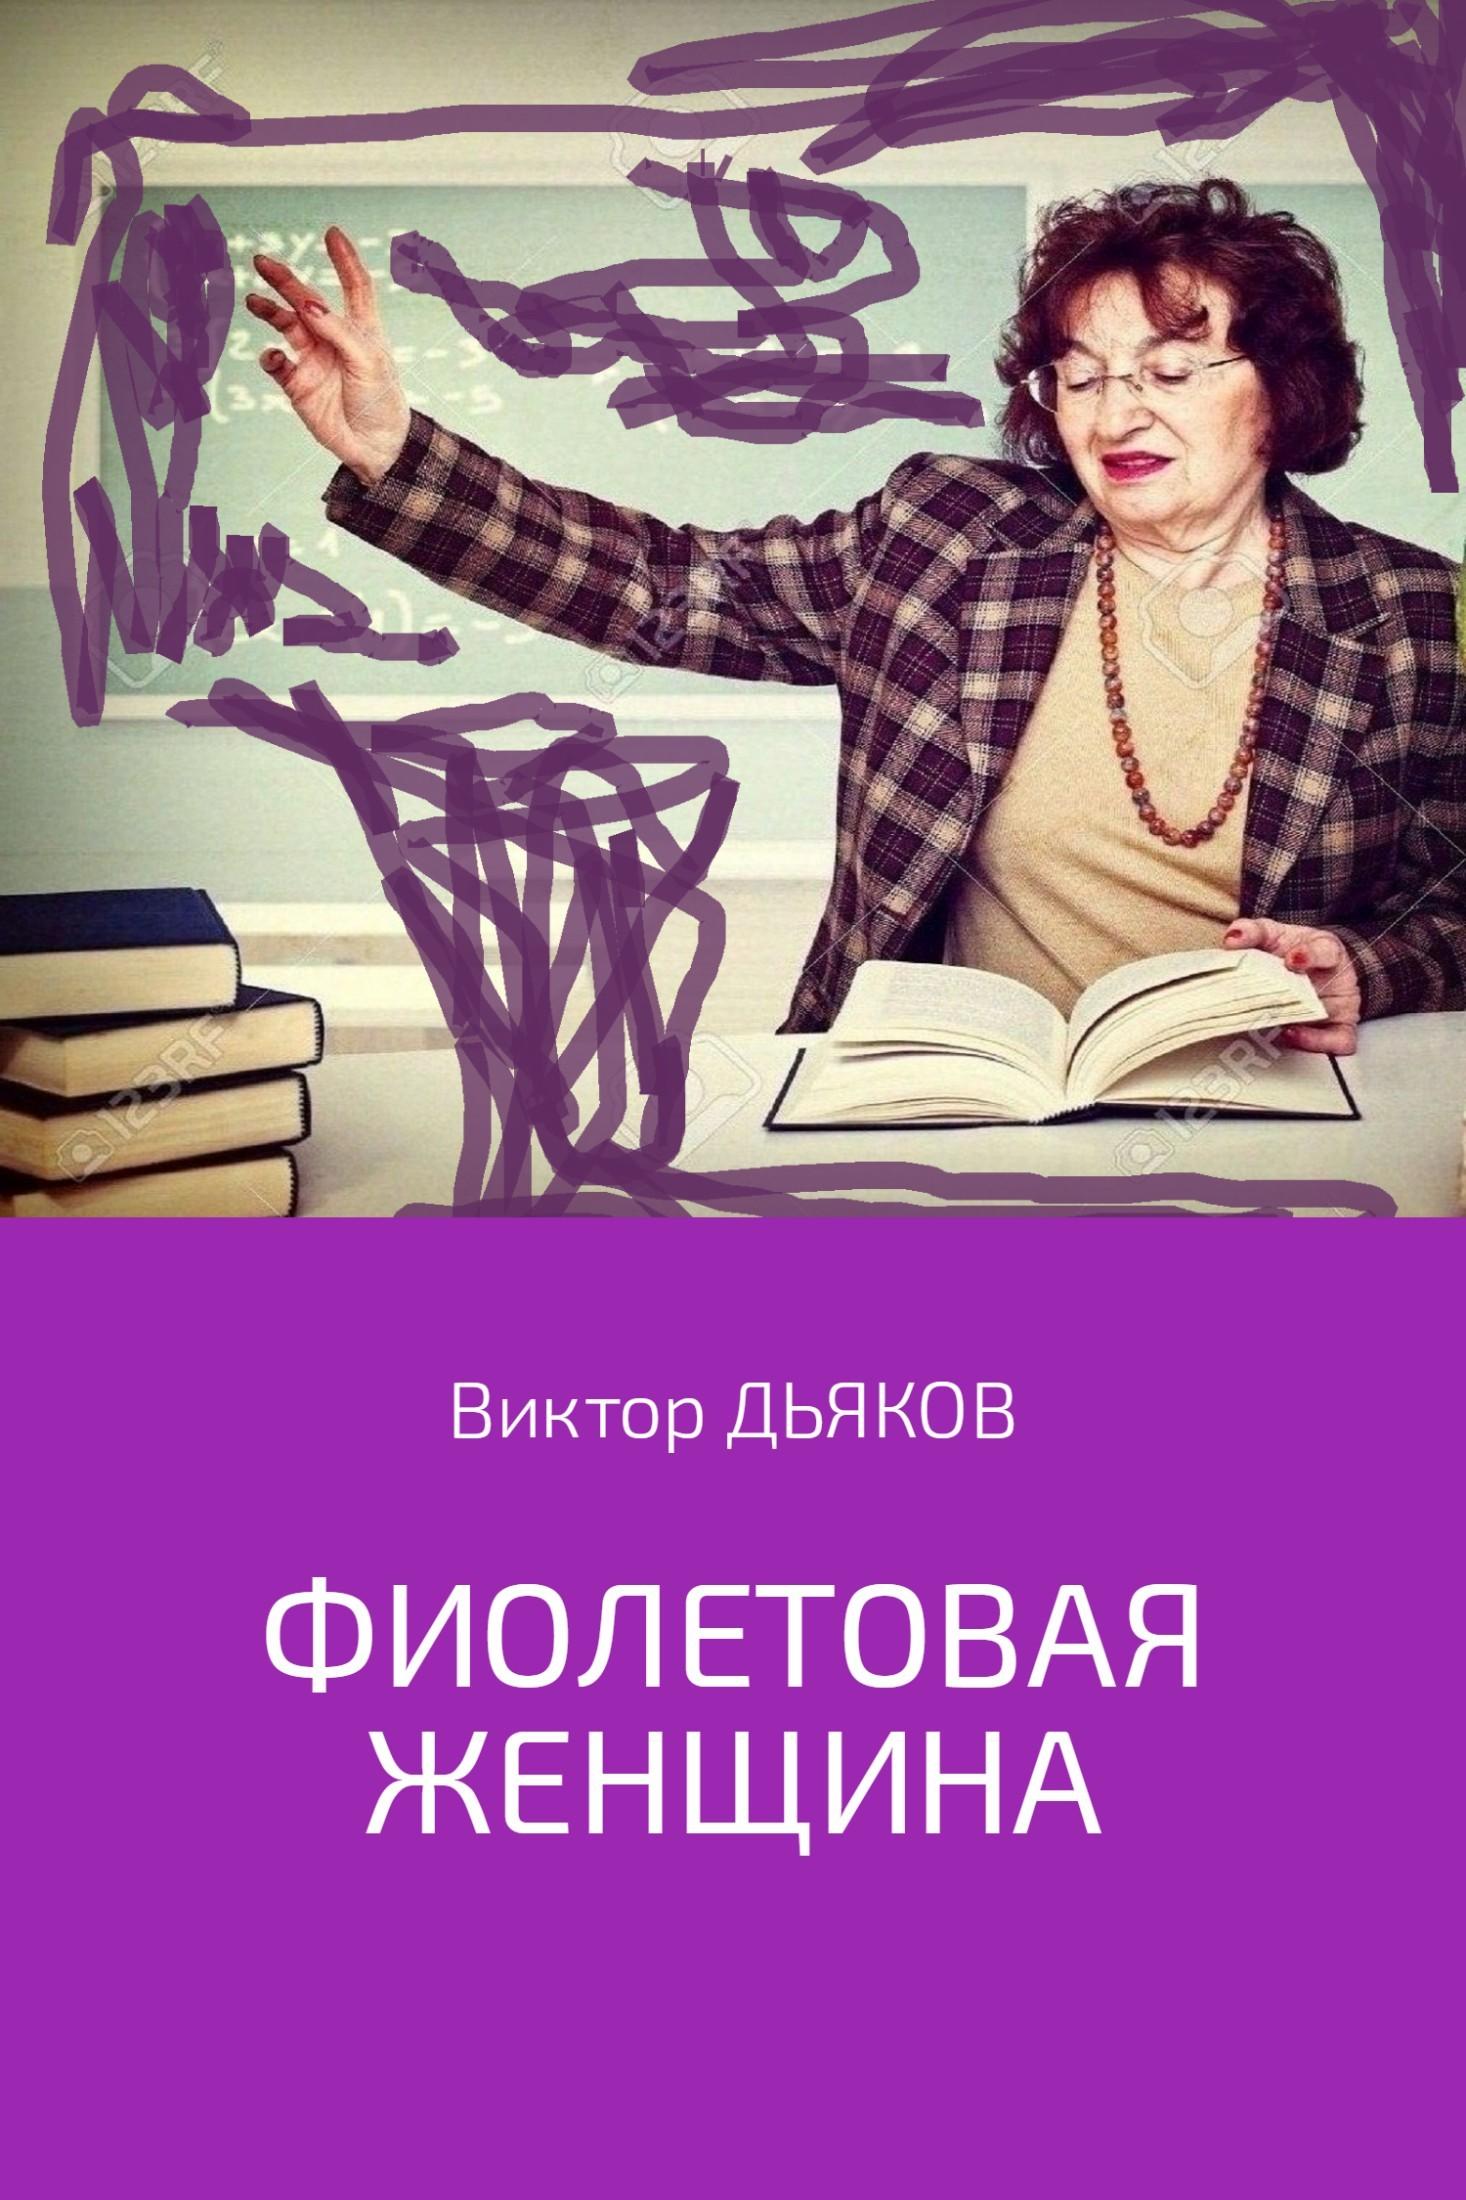 Книга Фиолетовая женщина